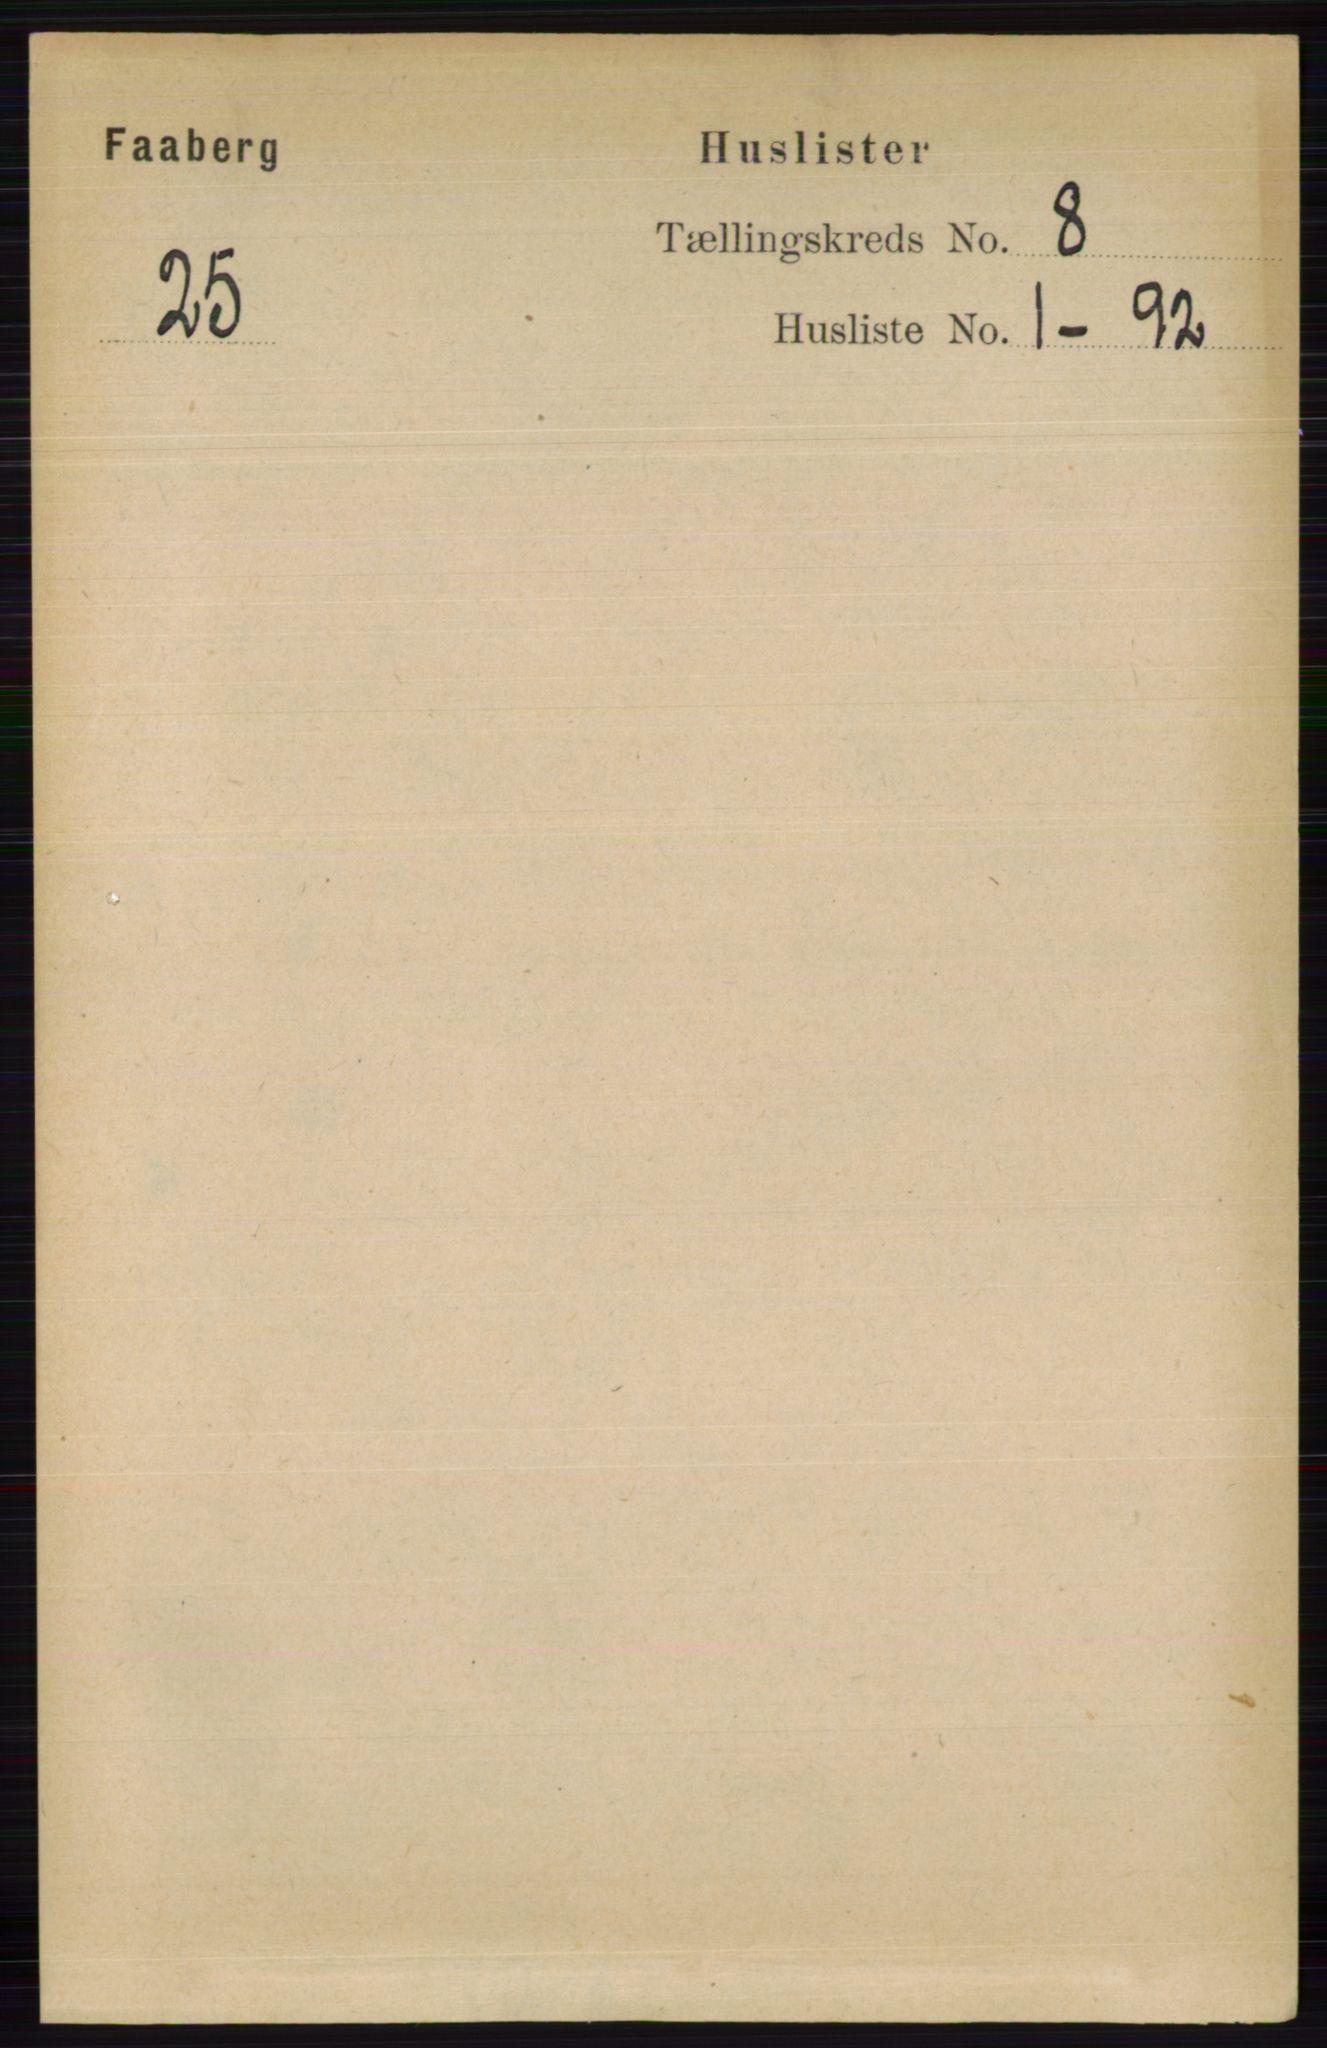 RA, Folketelling 1891 for 0524 Fåberg herred, 1891, s. 3321